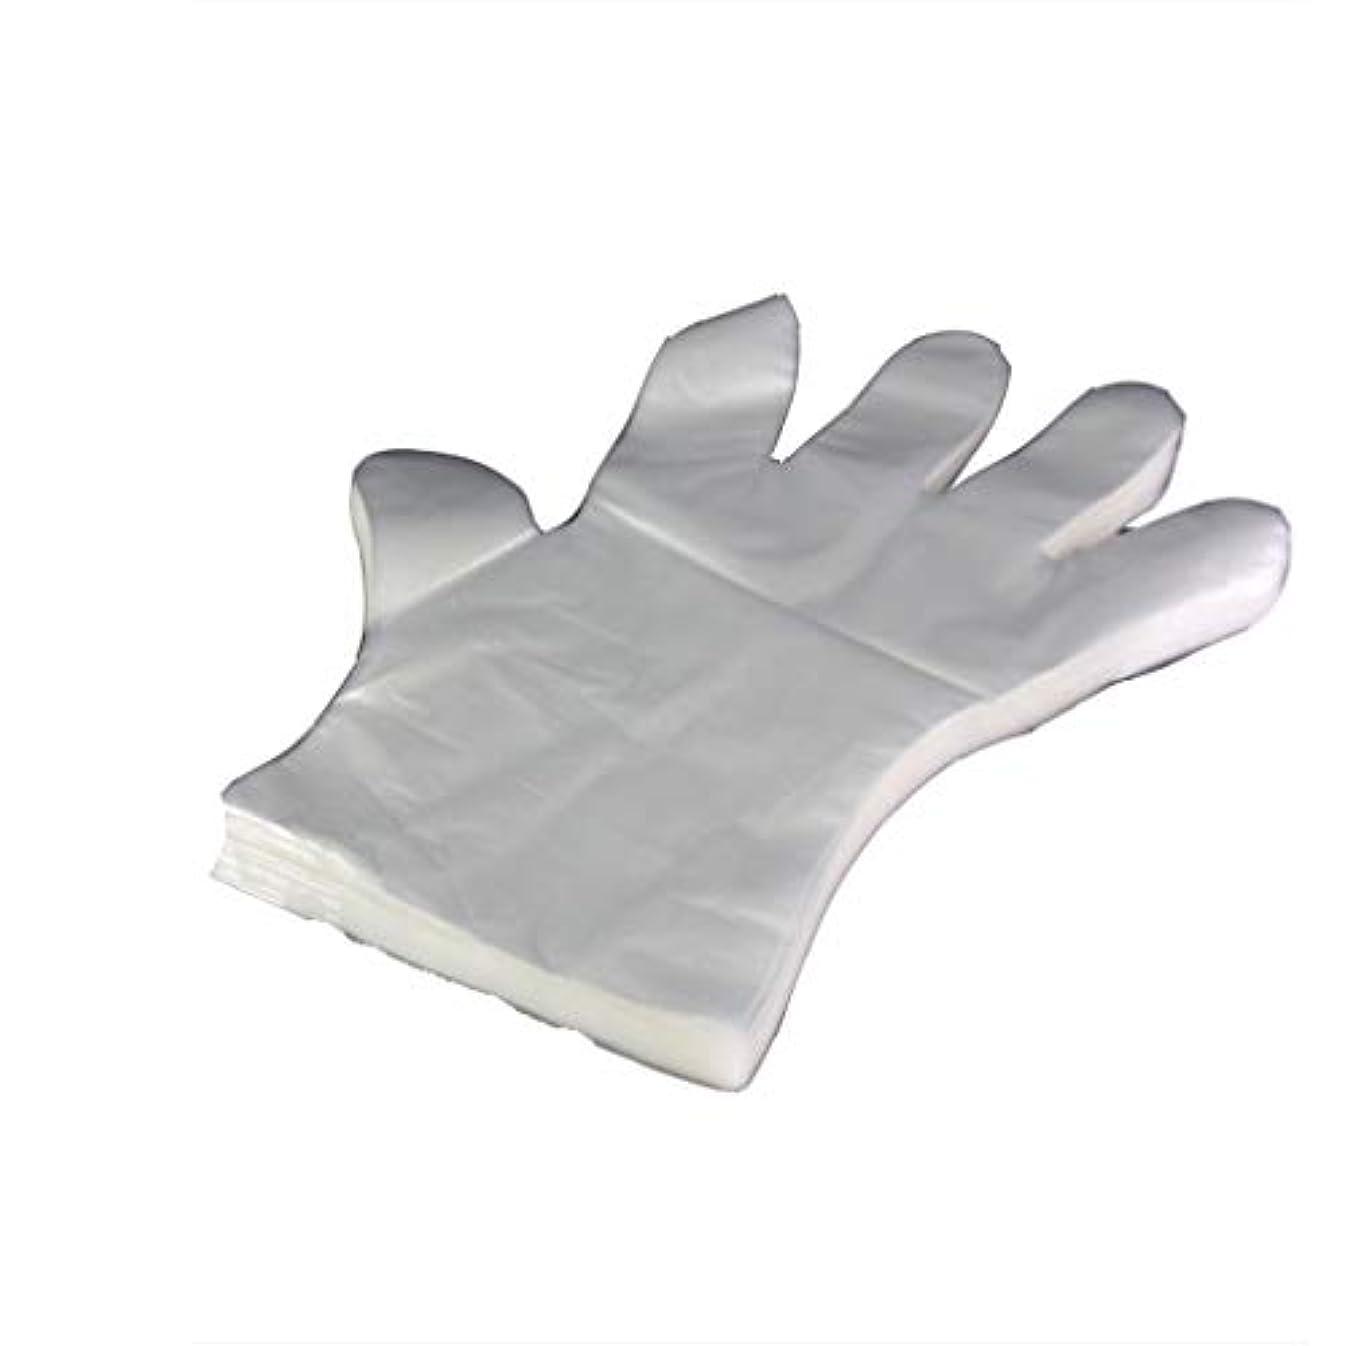 ホバート差別的仲人使い捨て手袋PEフィルムプラスチック化粧グローブフィルム透明増粘200袋 (UnitCount : 200only)